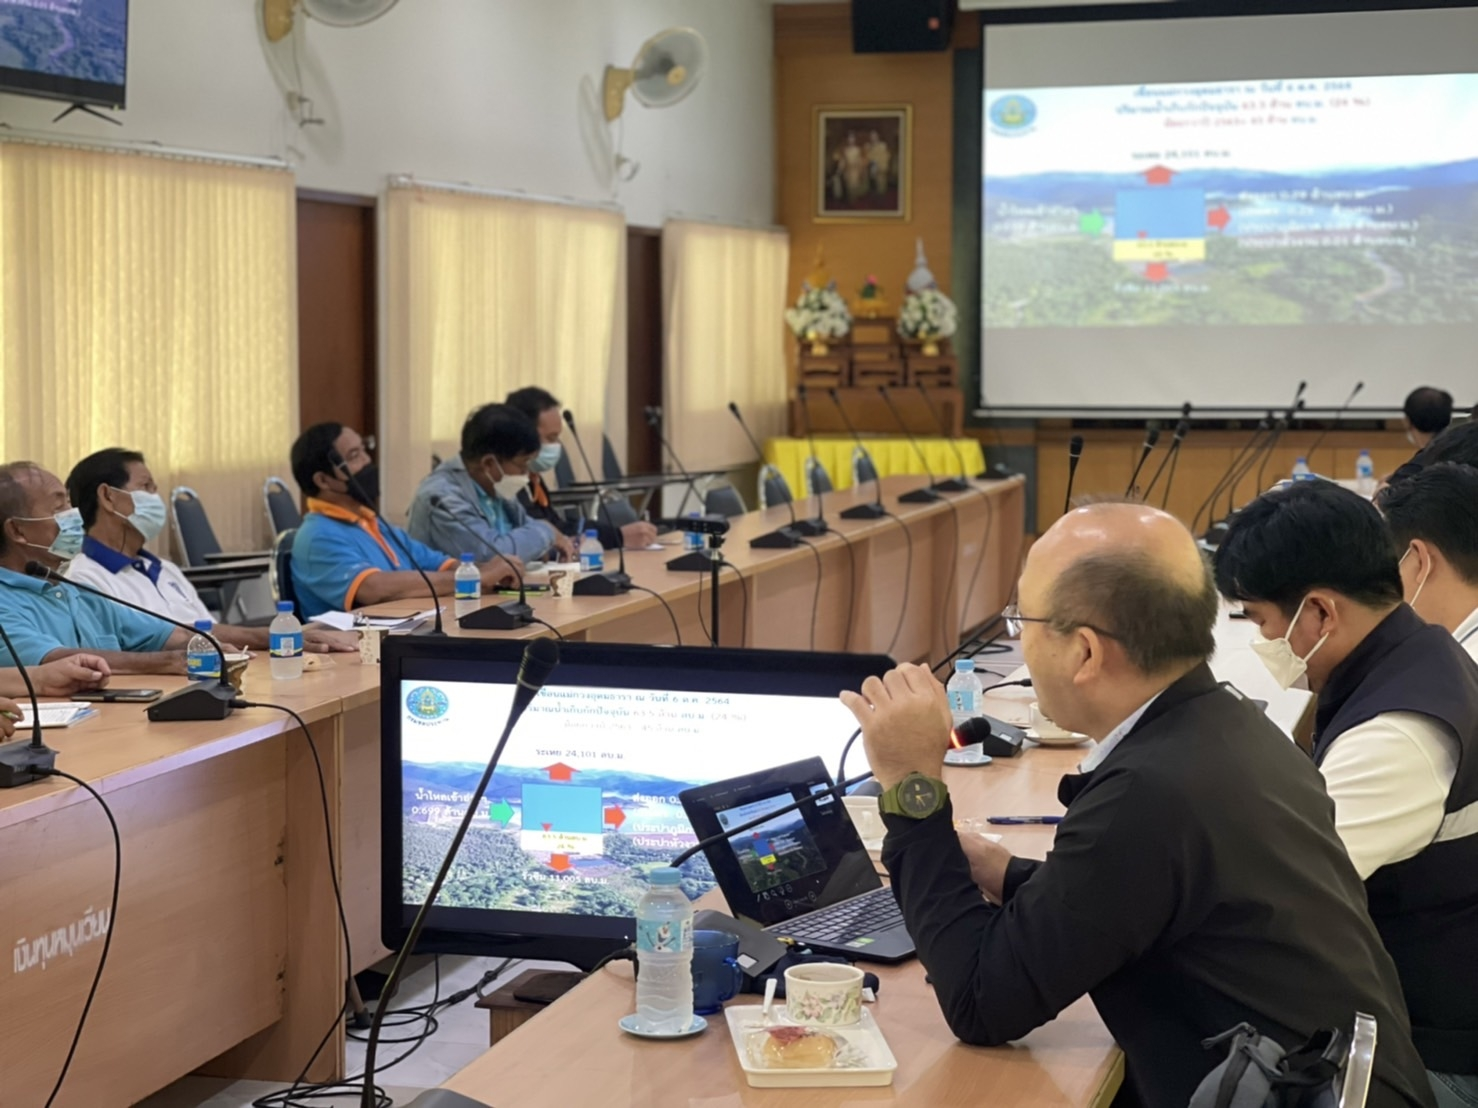 ประชุมติดตามผลการบริหารจัดการน้ำในช่วงฤดูฝน และแจ้งประชาสัมพันธ์สถานการณ์ การพร้อมวางแผนในการบริหารจัดการน้ำในฤดูแล้ง